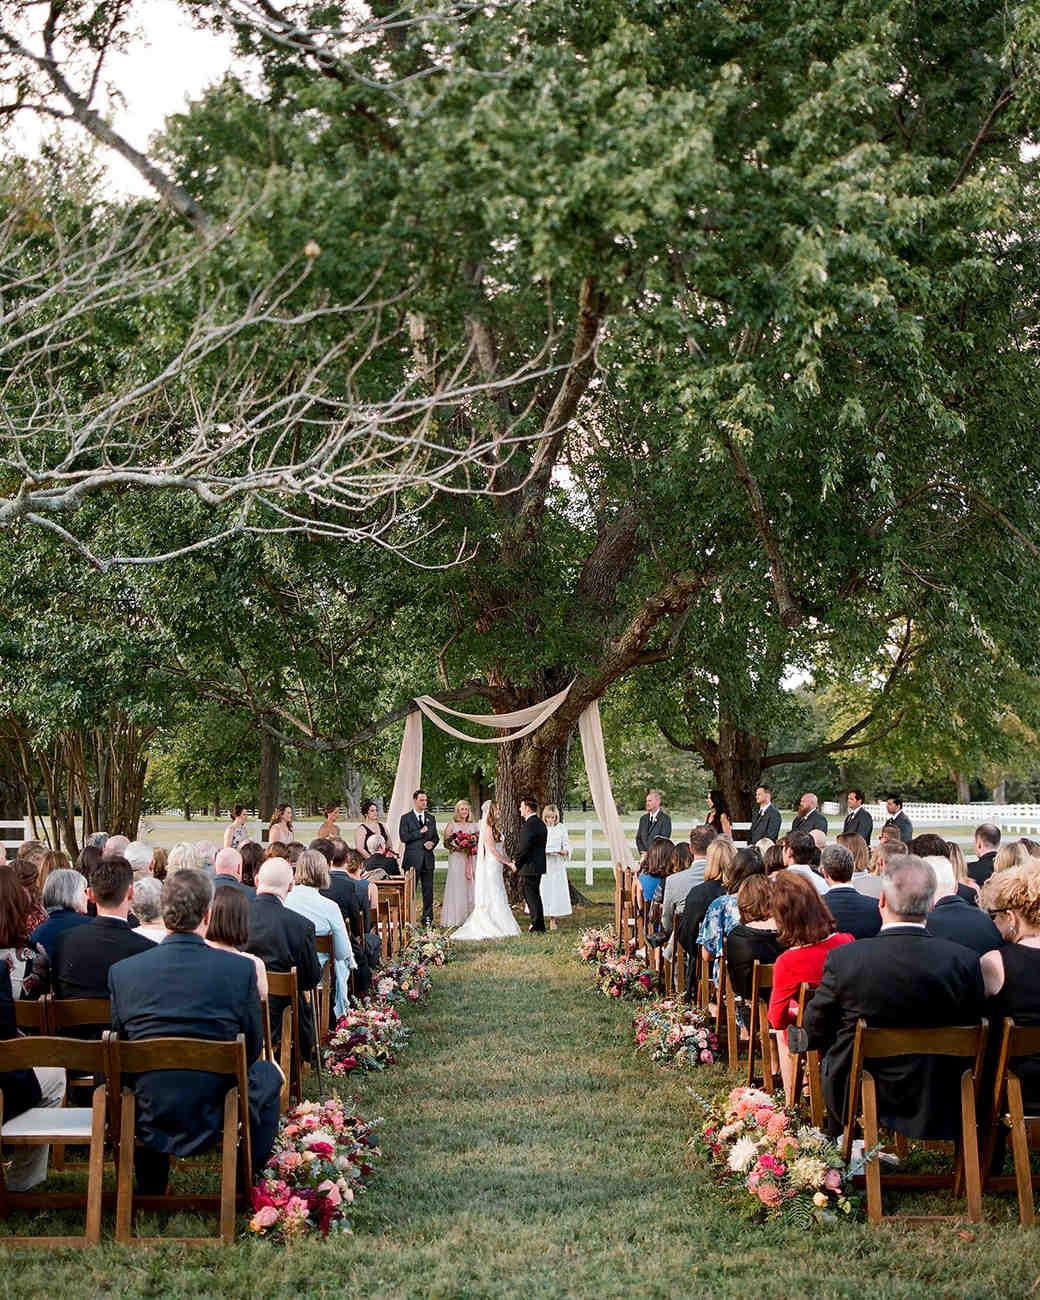 jen geoff wedding outdoor ceremony